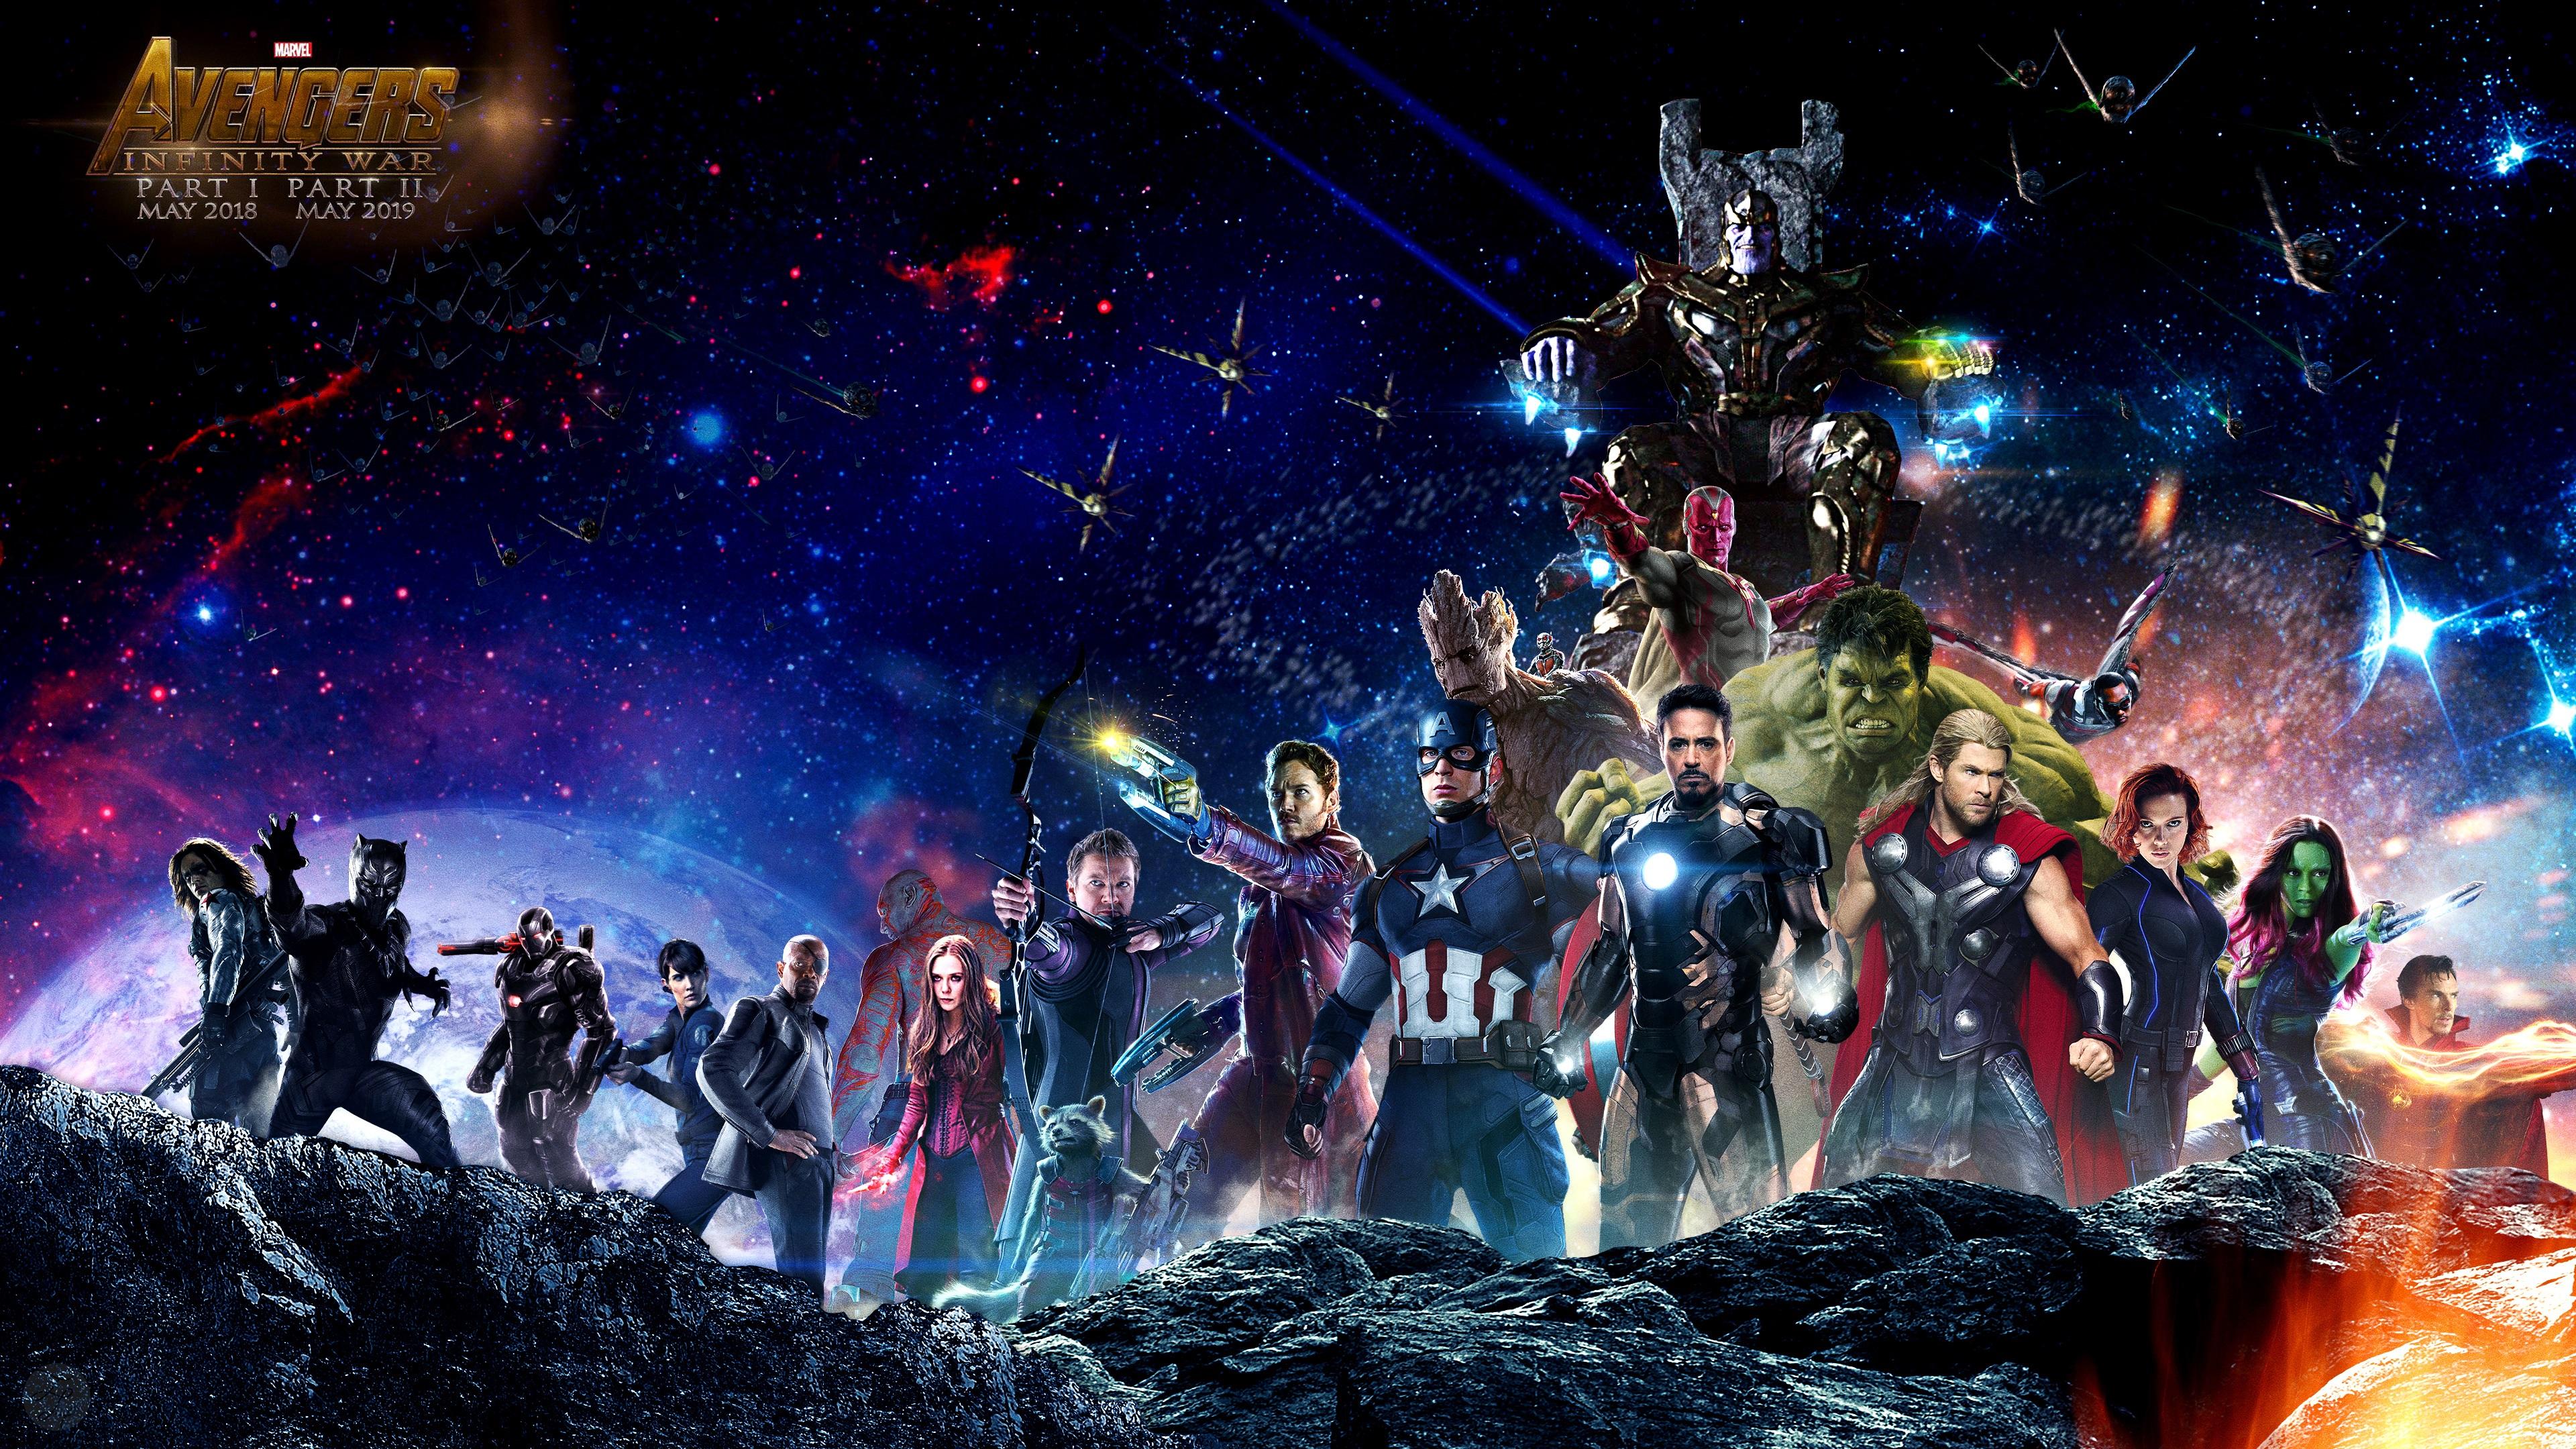 Fonds D écran Avengers 3 Infinity War 2018 3840x2160 Uhd 4k